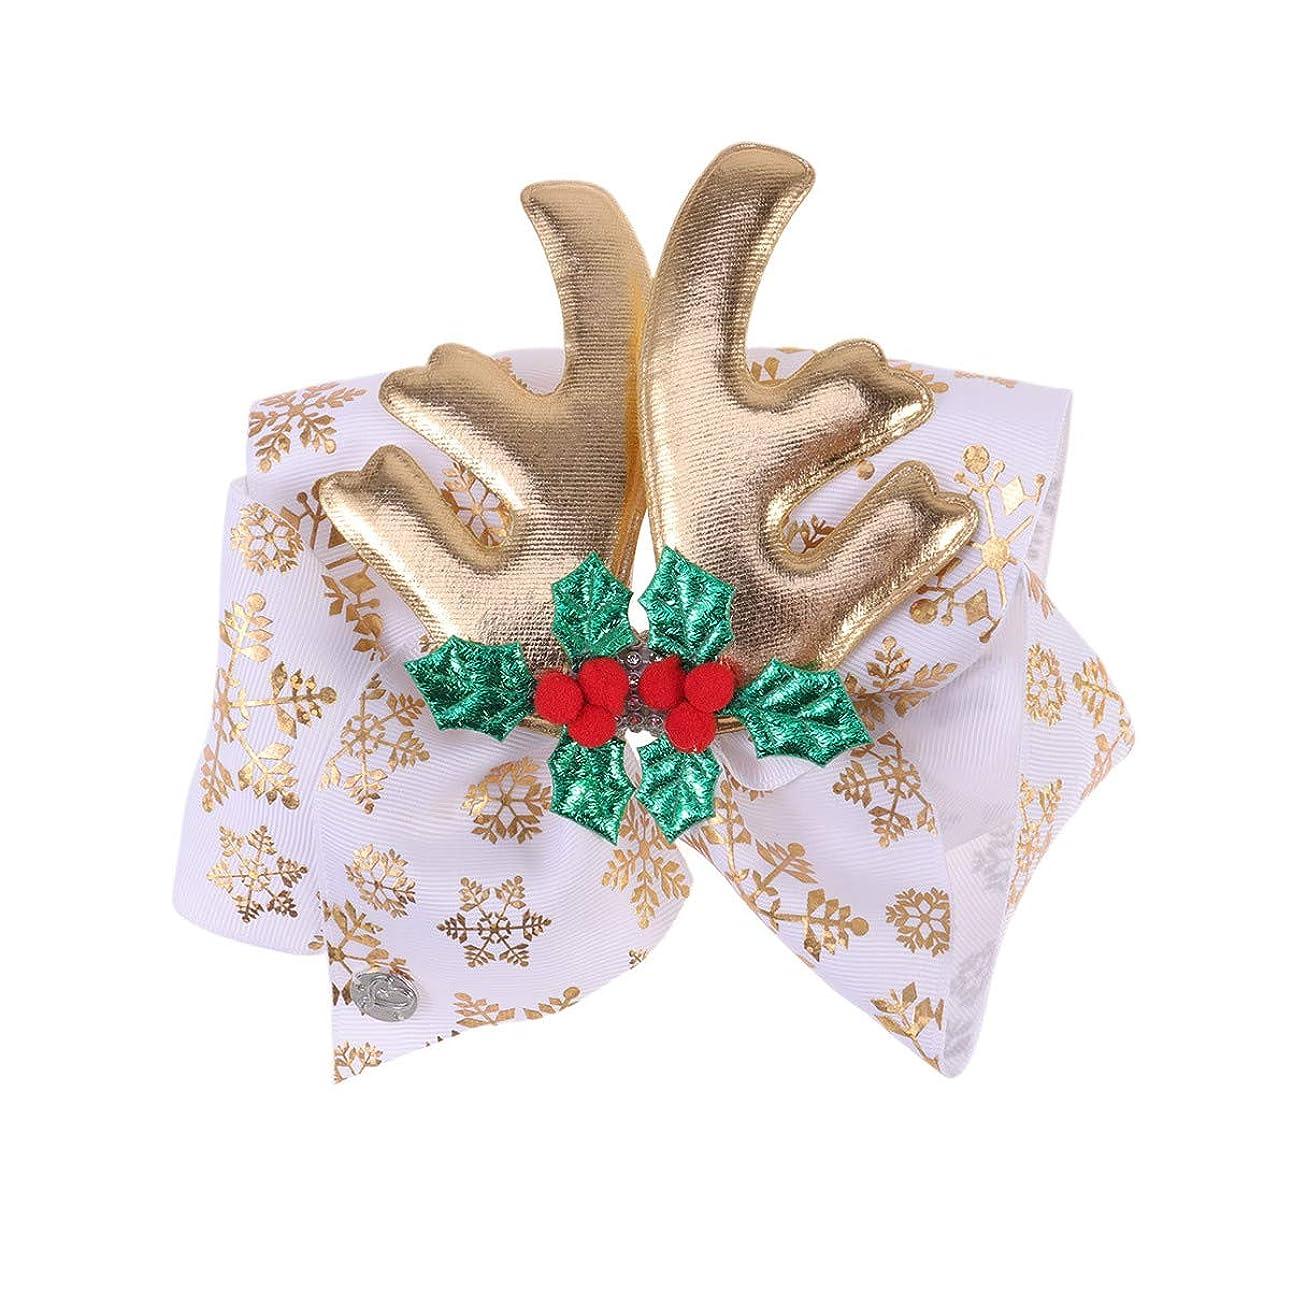 雇用試してみる継続中Lurrose クリスマスの弓のヘアクリップ枝角ヘアピンクリスマスの日の子供の子供のためのダイヤモンドヘアアクセサリー